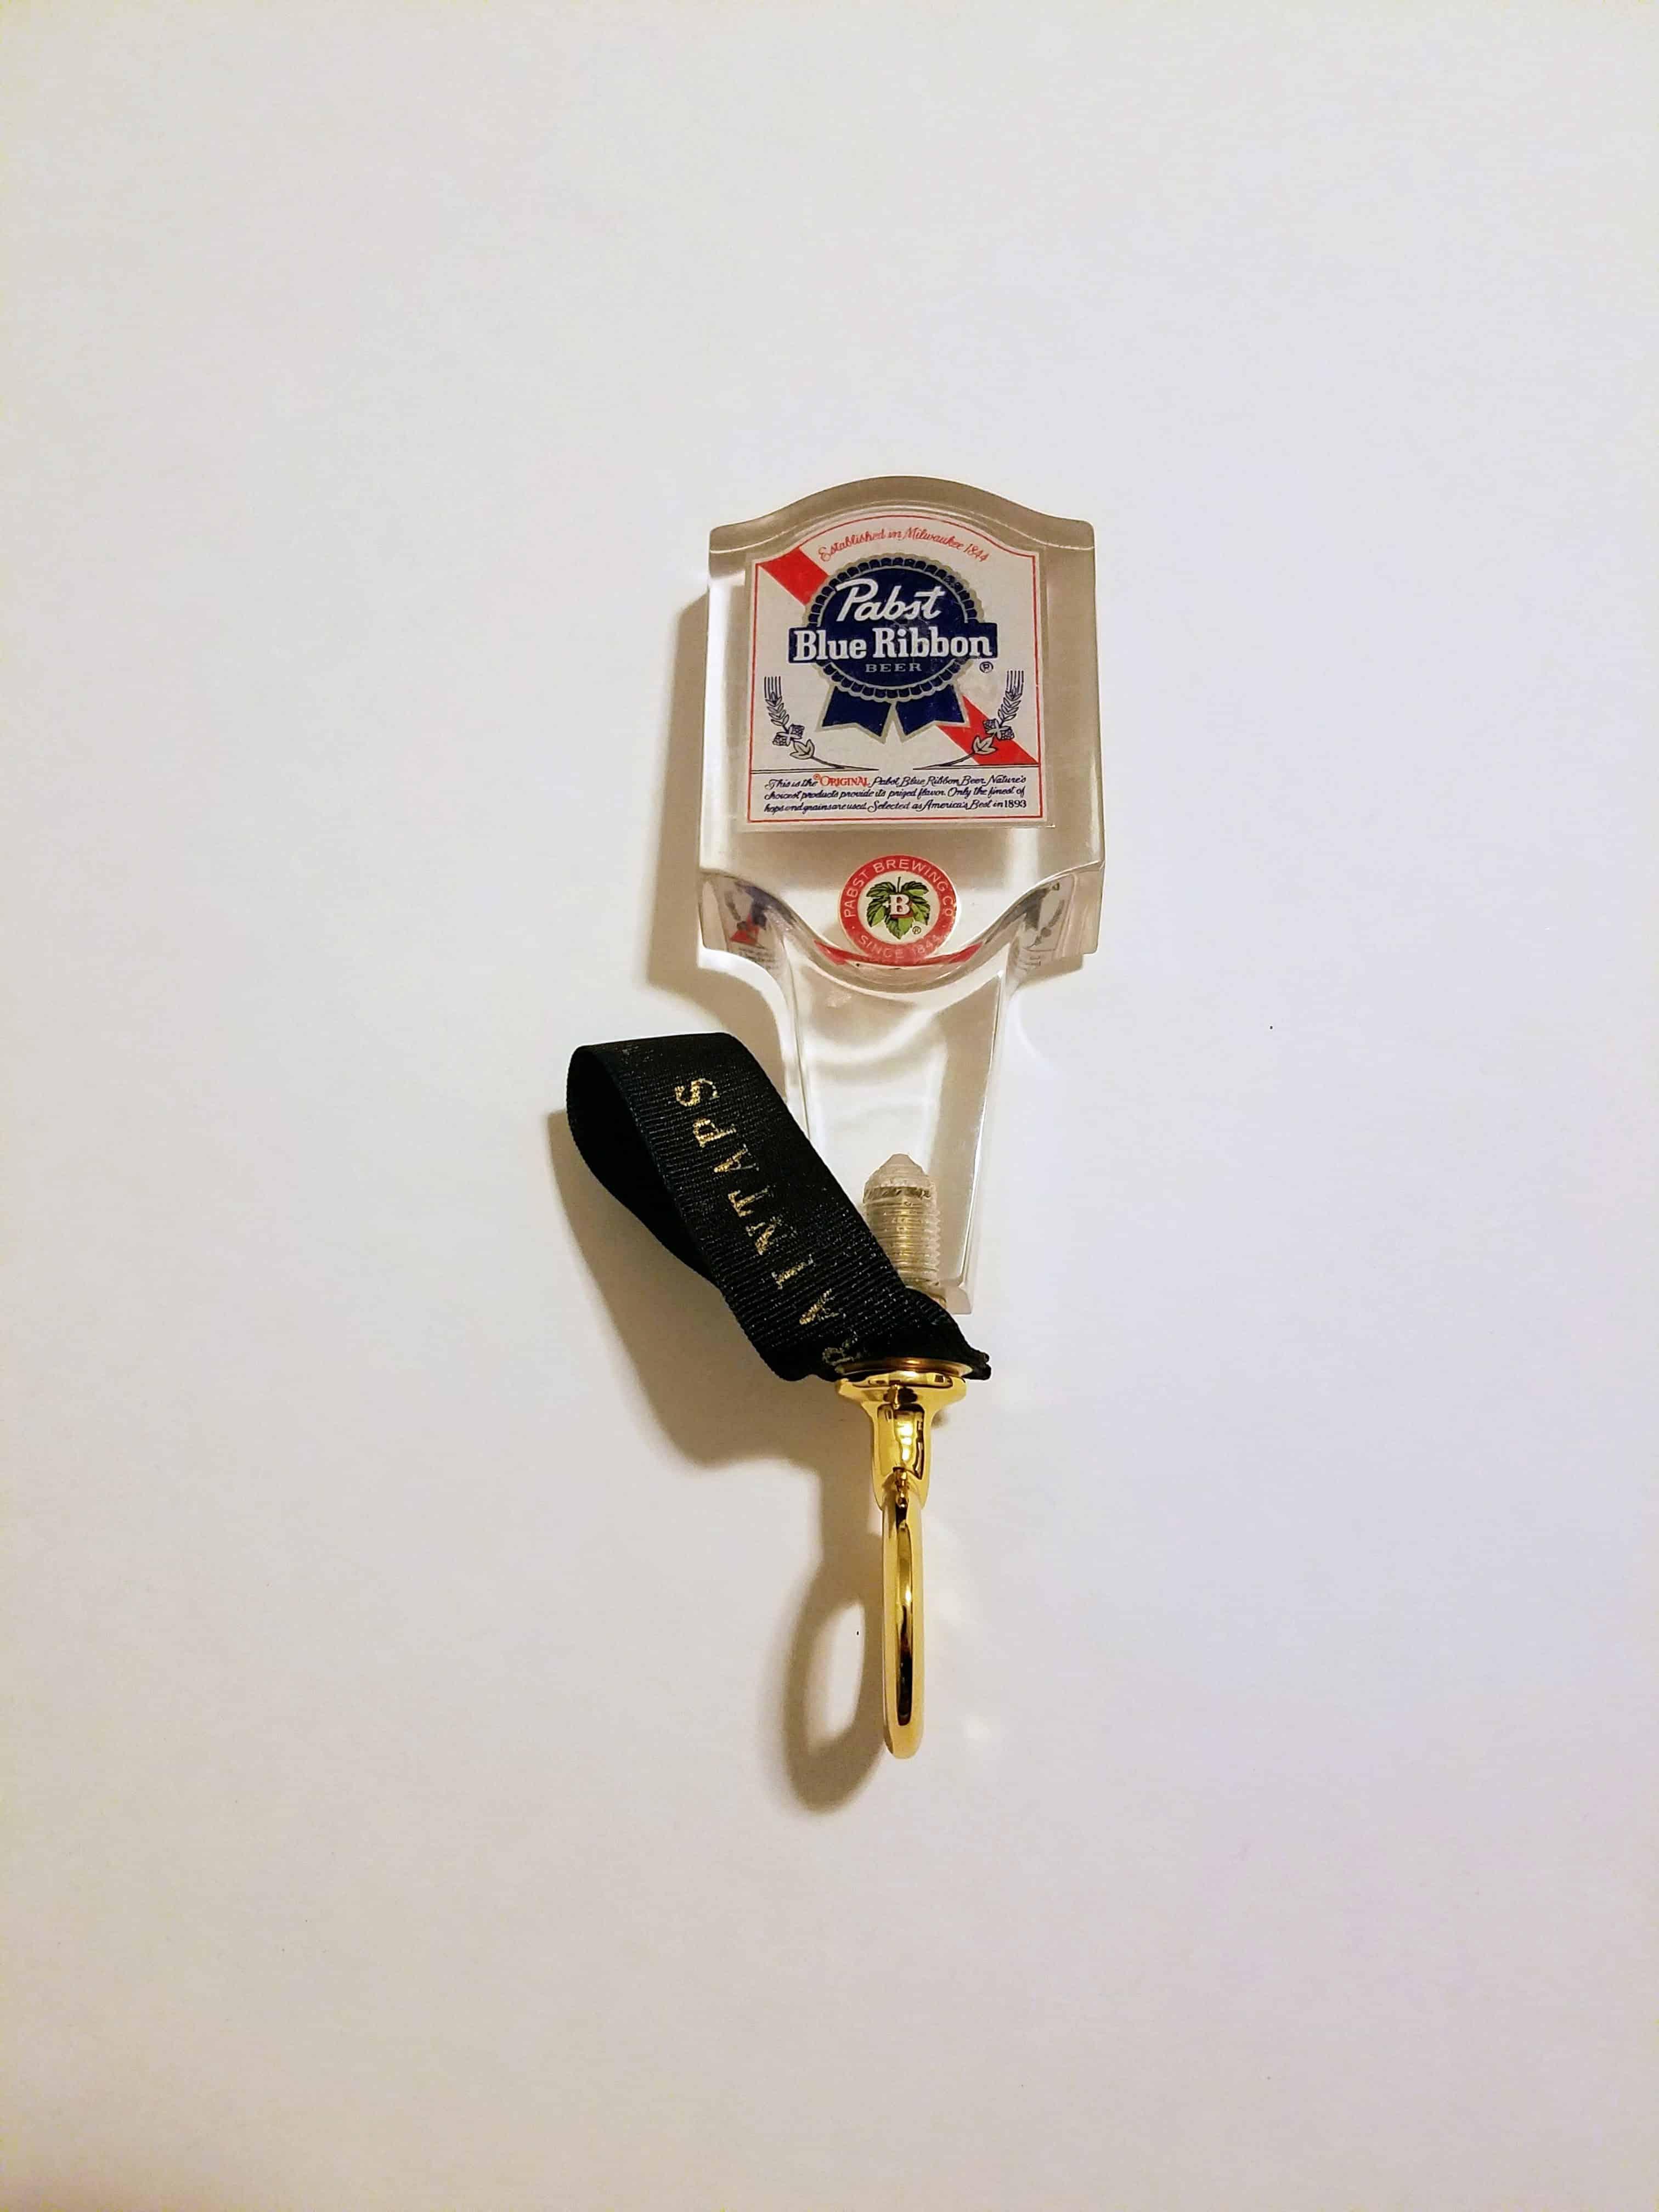 vintage pbr tap handle bottle opener (lucite v2)